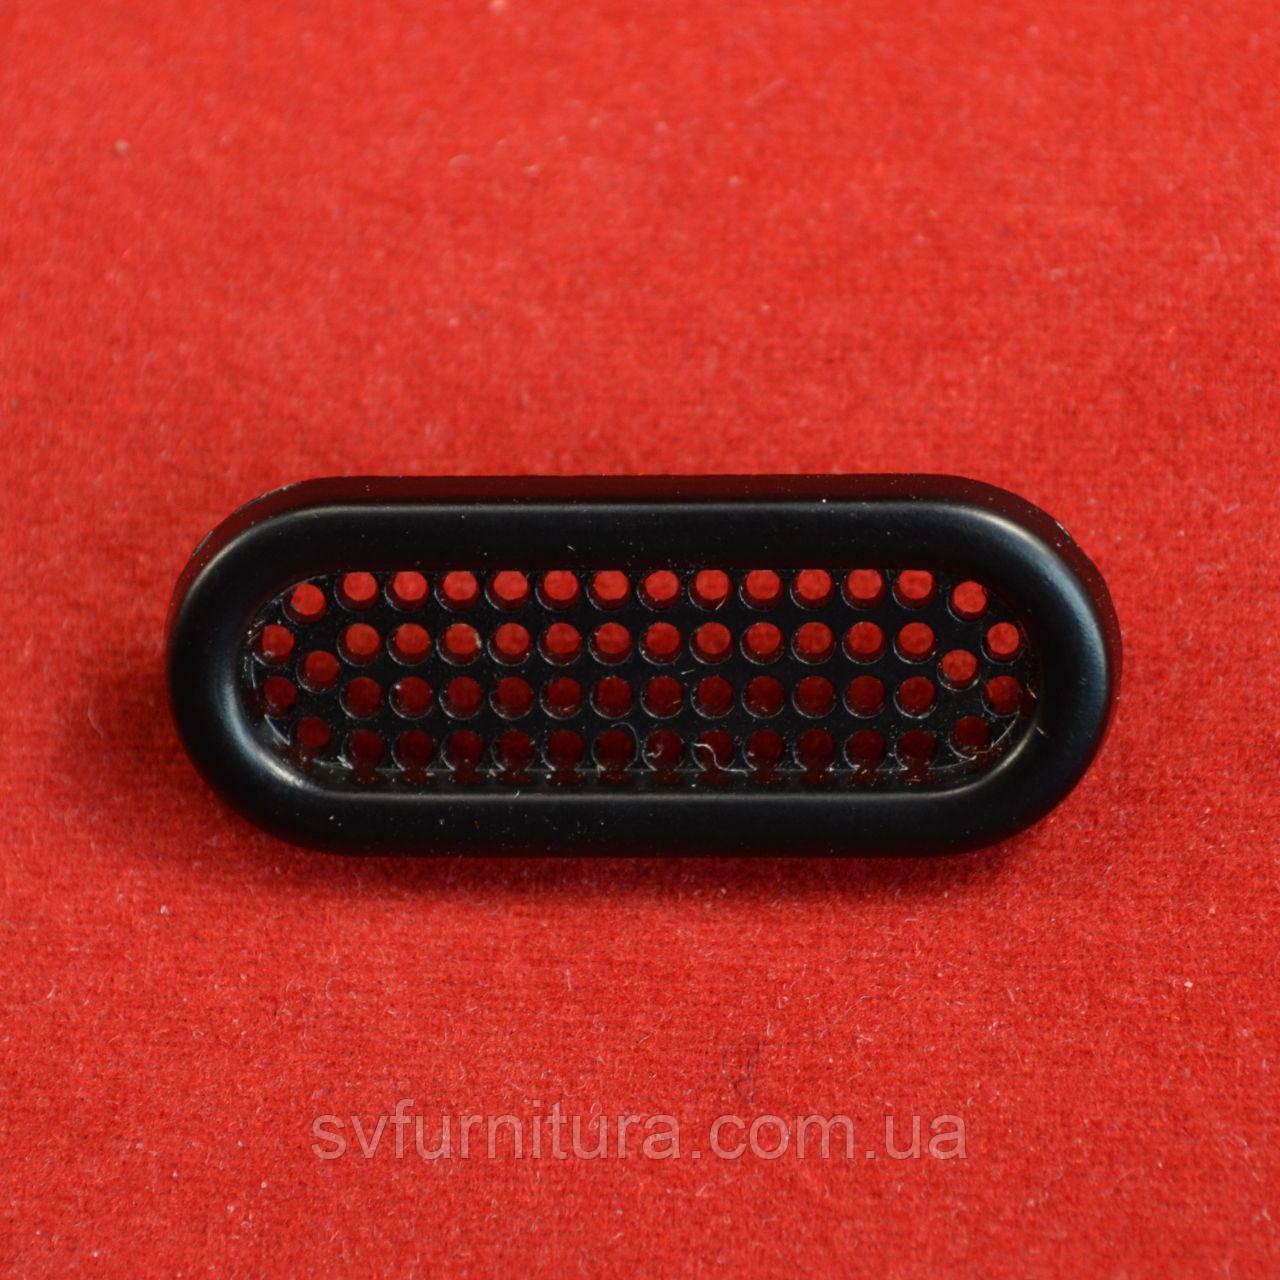 Аксесуар Z 2 чорний